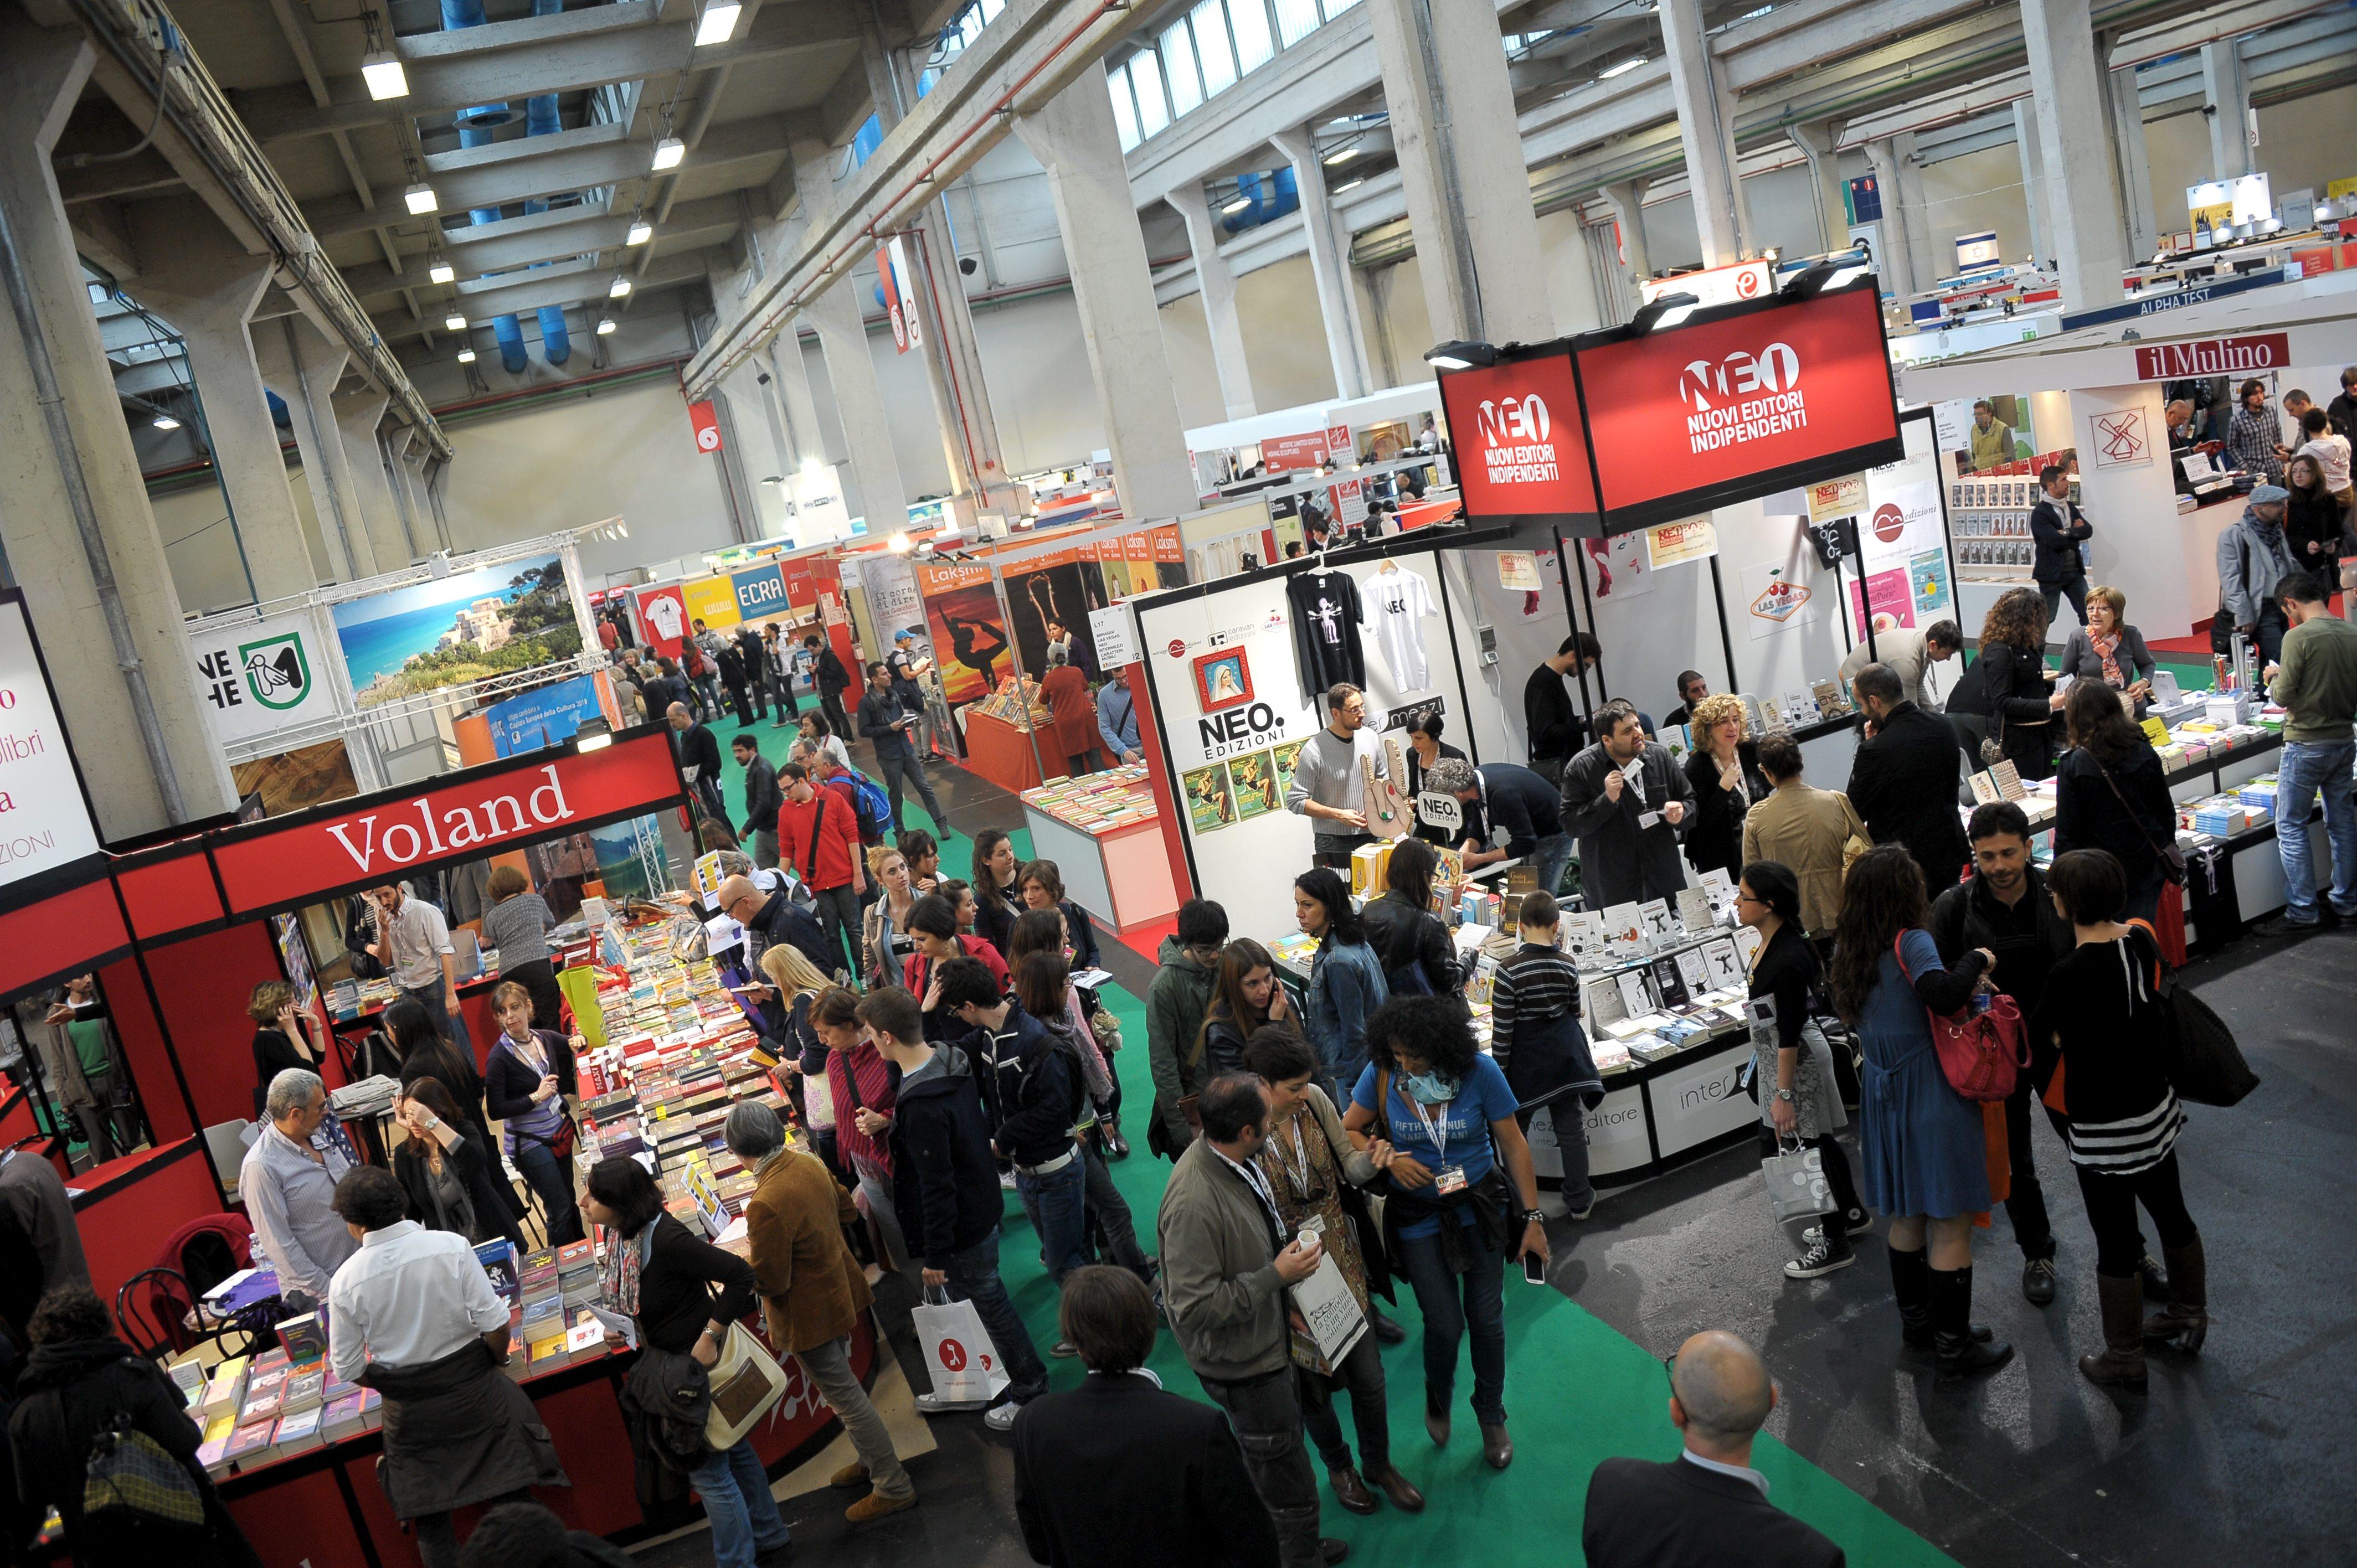 2 Salone Internazionale del Libro in Torino,Italy